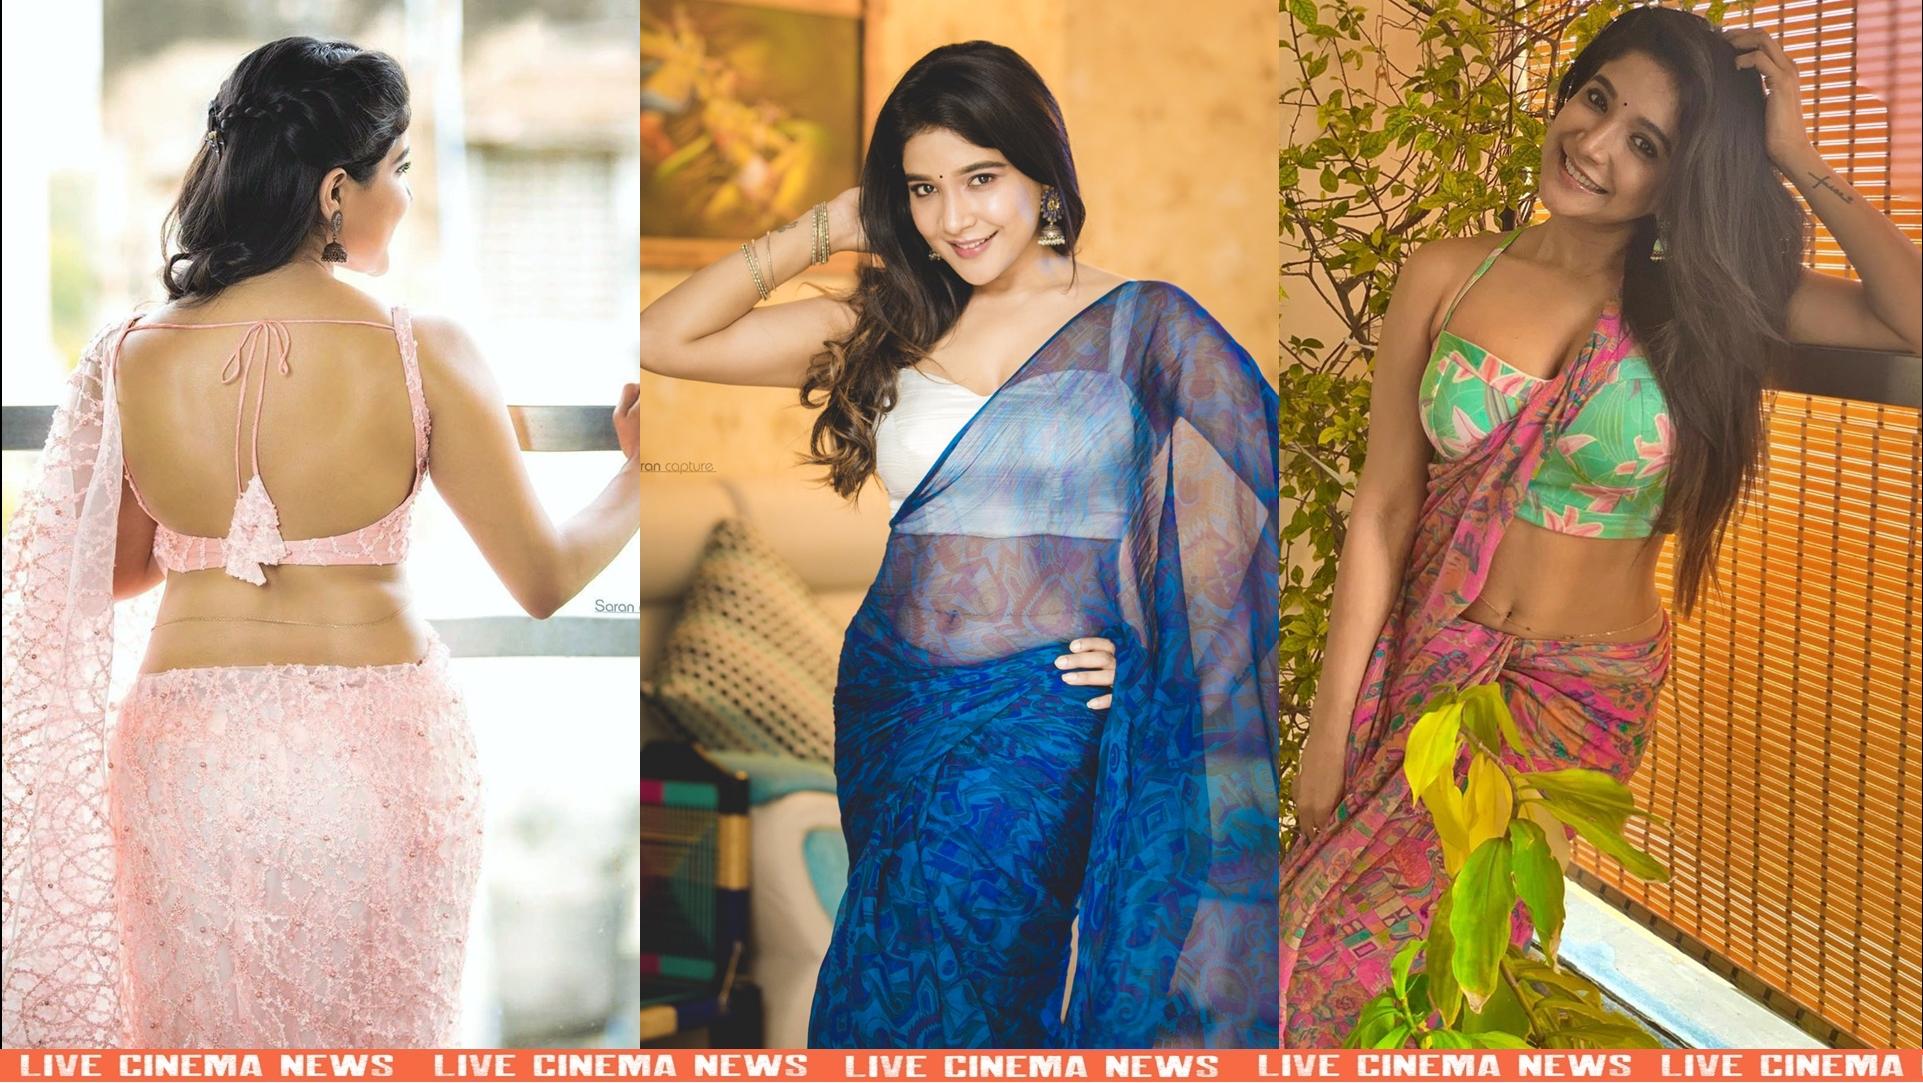 Beautiful saree photos of actress Sakshi Agarwal